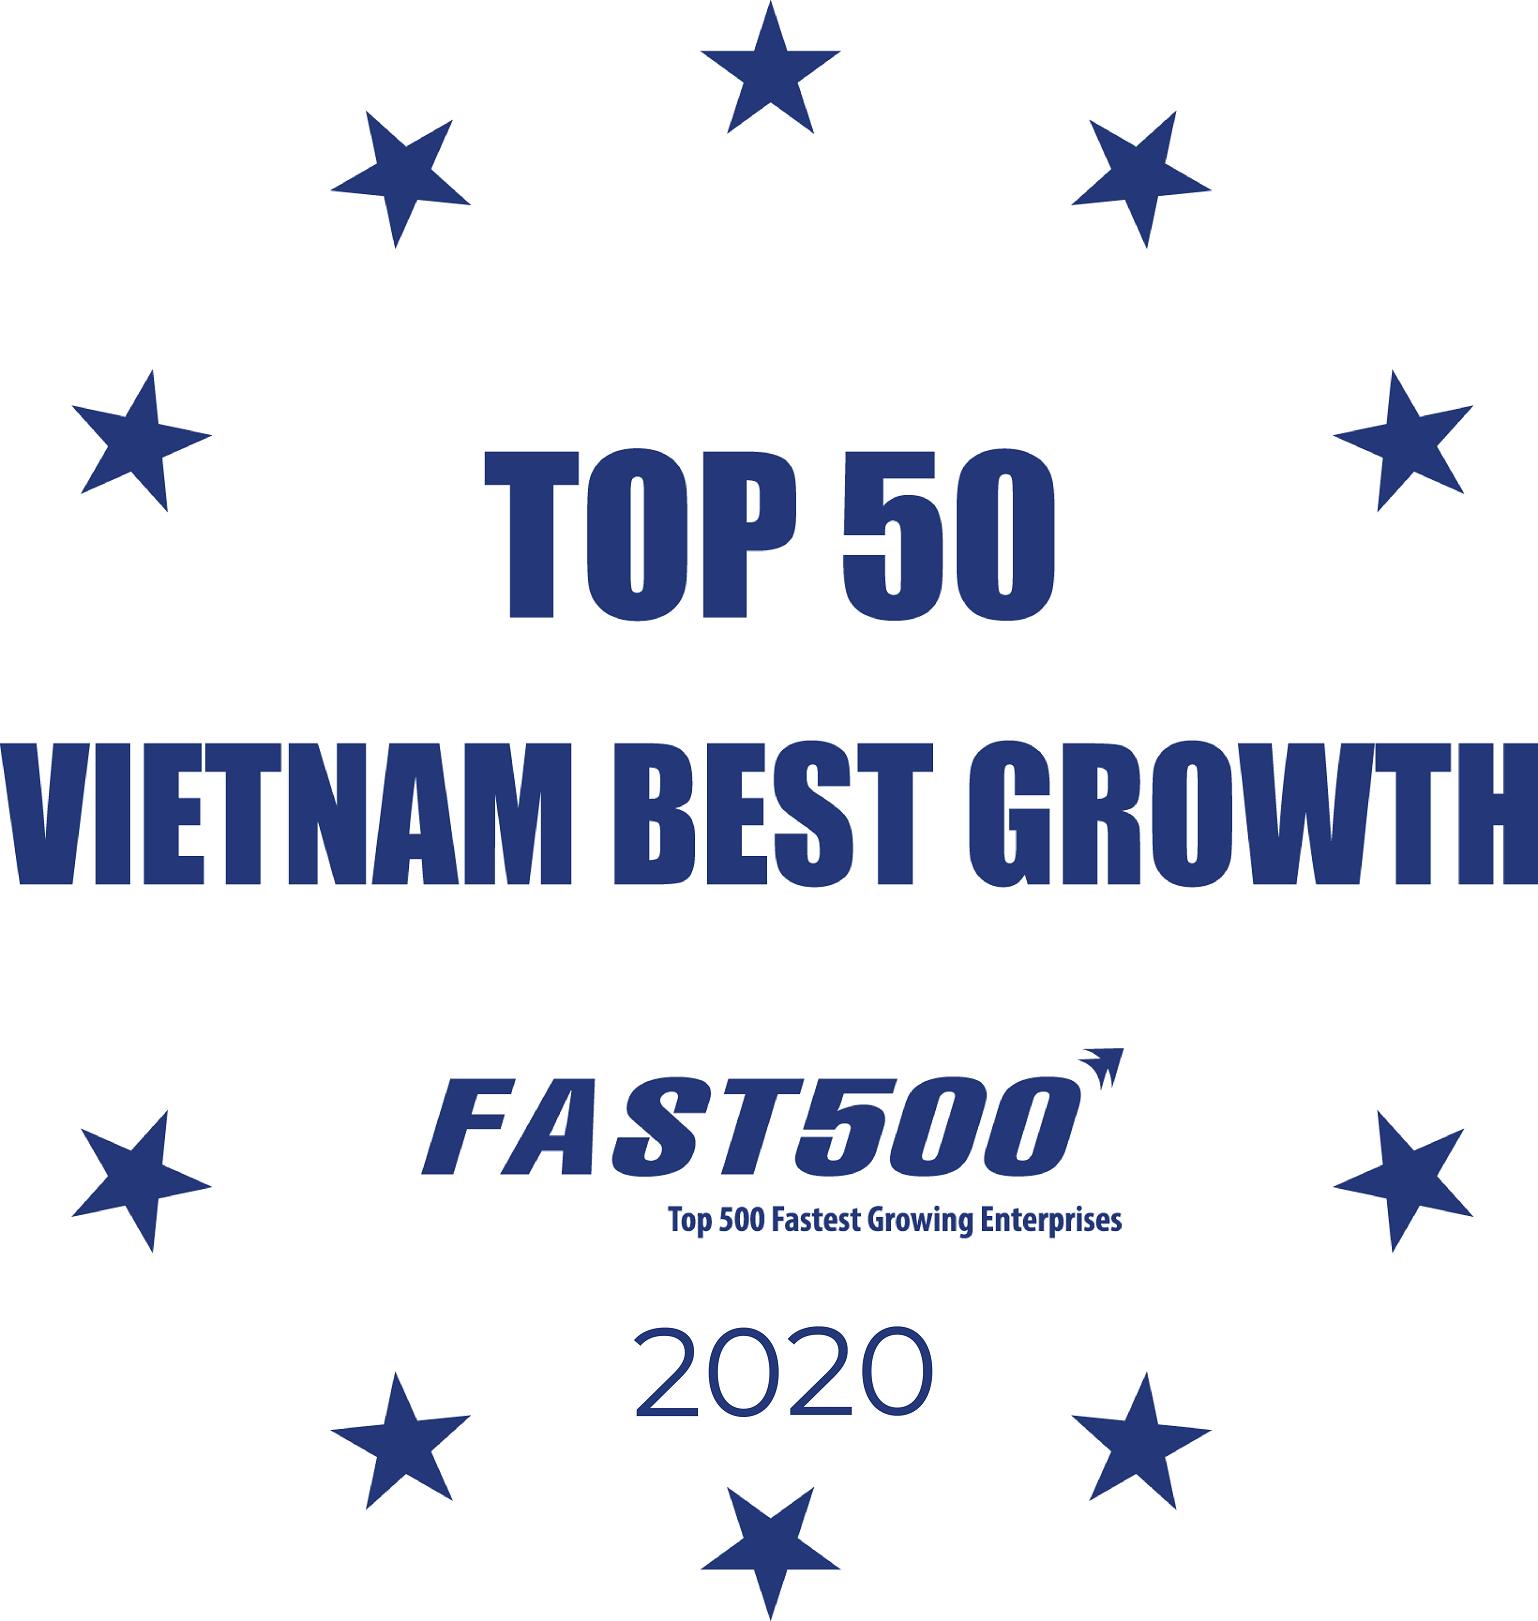 Top 50 doanh nghiệp tăng trưởng xuất sắc nhất 2020